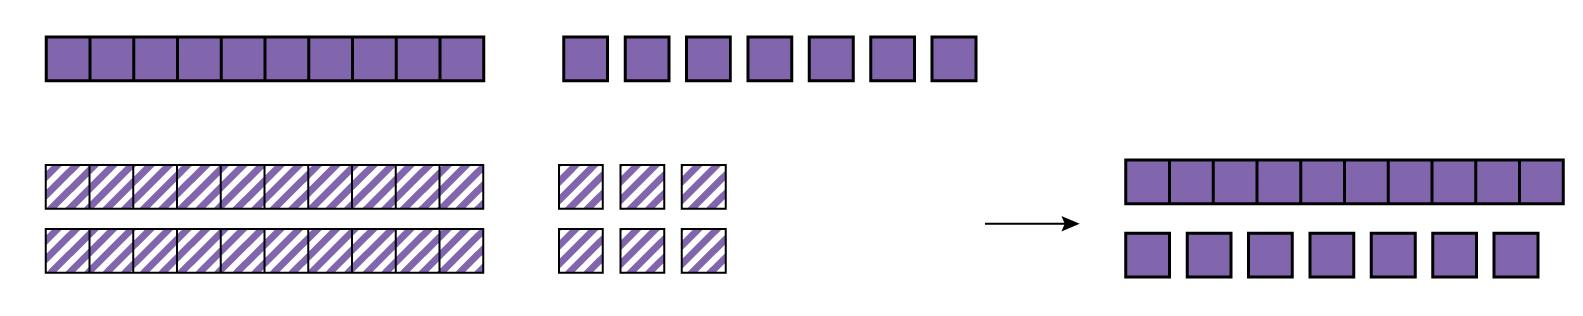 Three rods and thirteen blocks minus two rods and six blocks equals one rod and seven blocks